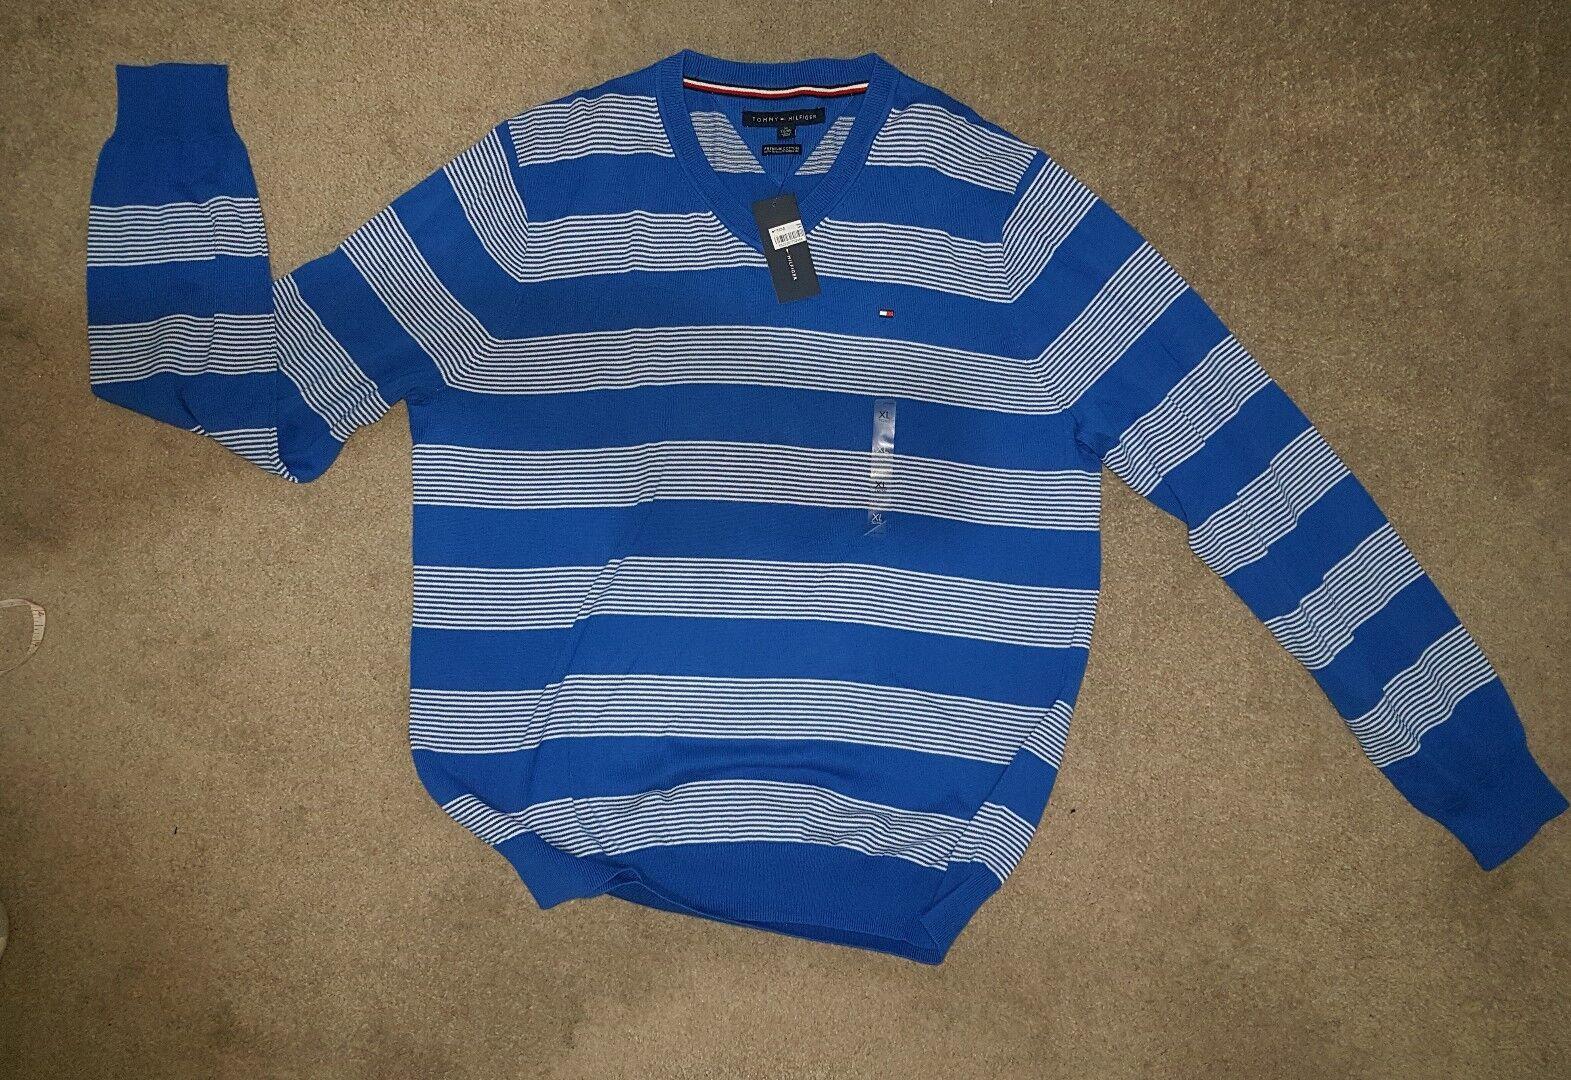 97ca9dc702482b Mens long stripe XL sleeve t-shirt npddnk1253-T-Shirts - vintage ...